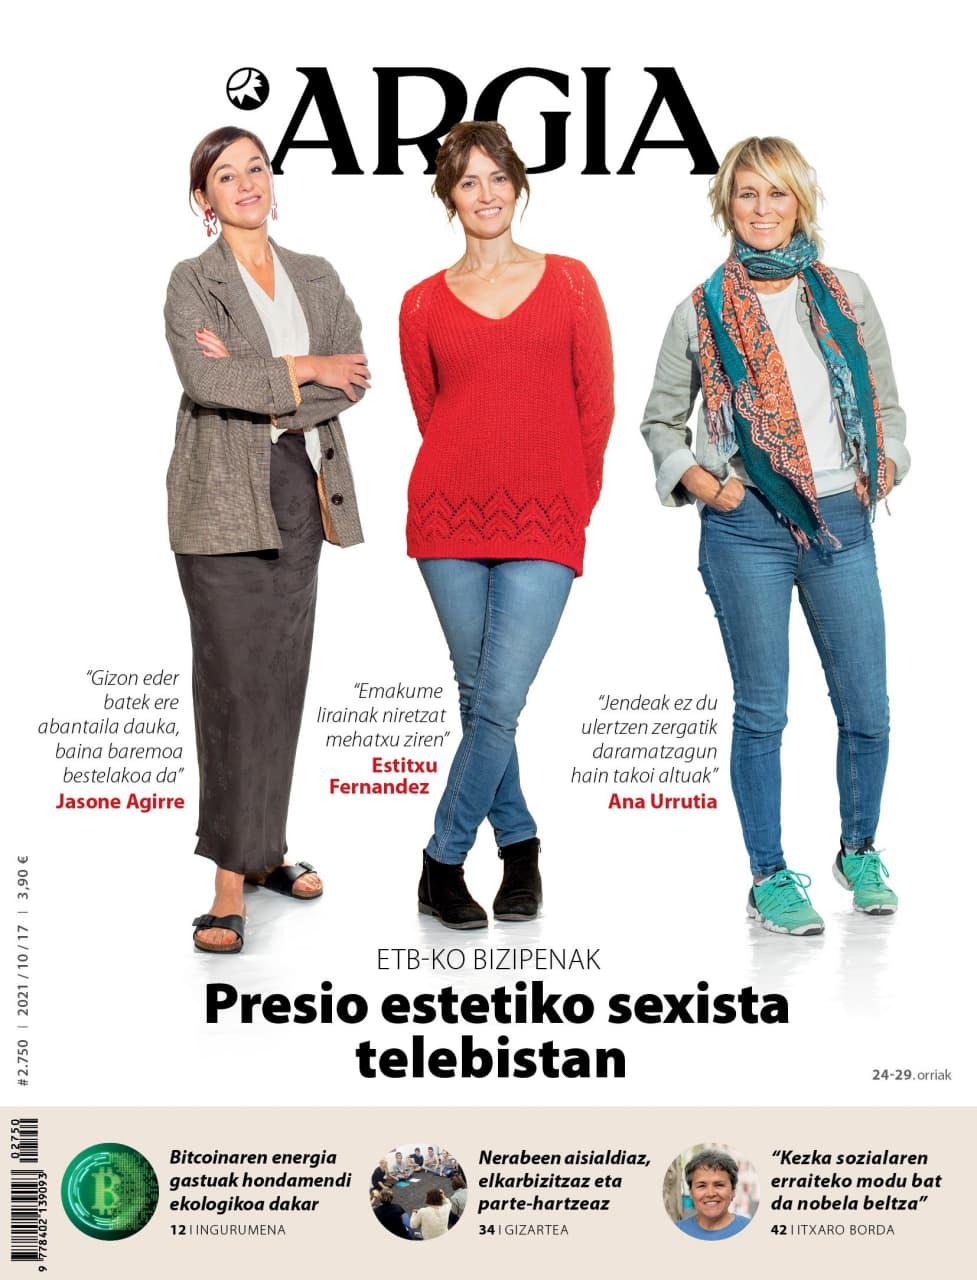 ARGIA AURRERAPENA (21/10/13) | Presio estetiko sexista telebistan, Iñigo Urrutiari elkarrizketa eta Ainhoa Etxaideren zutabea